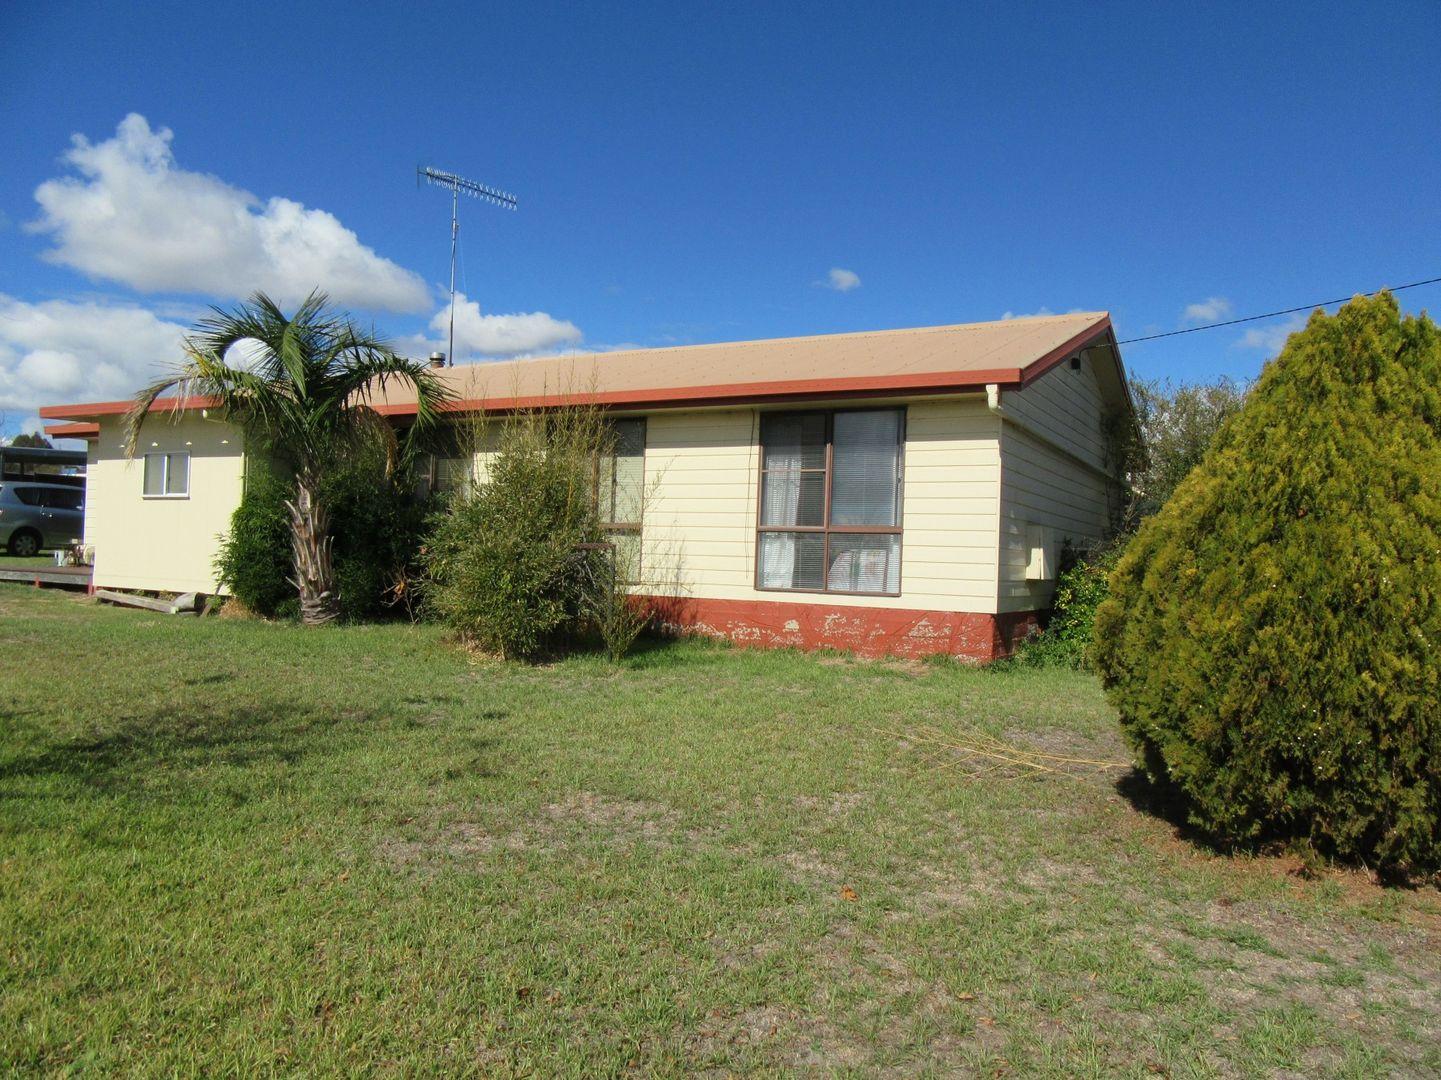 39 Young Street, Deepwater, Glen Innes NSW 2370, Image 0